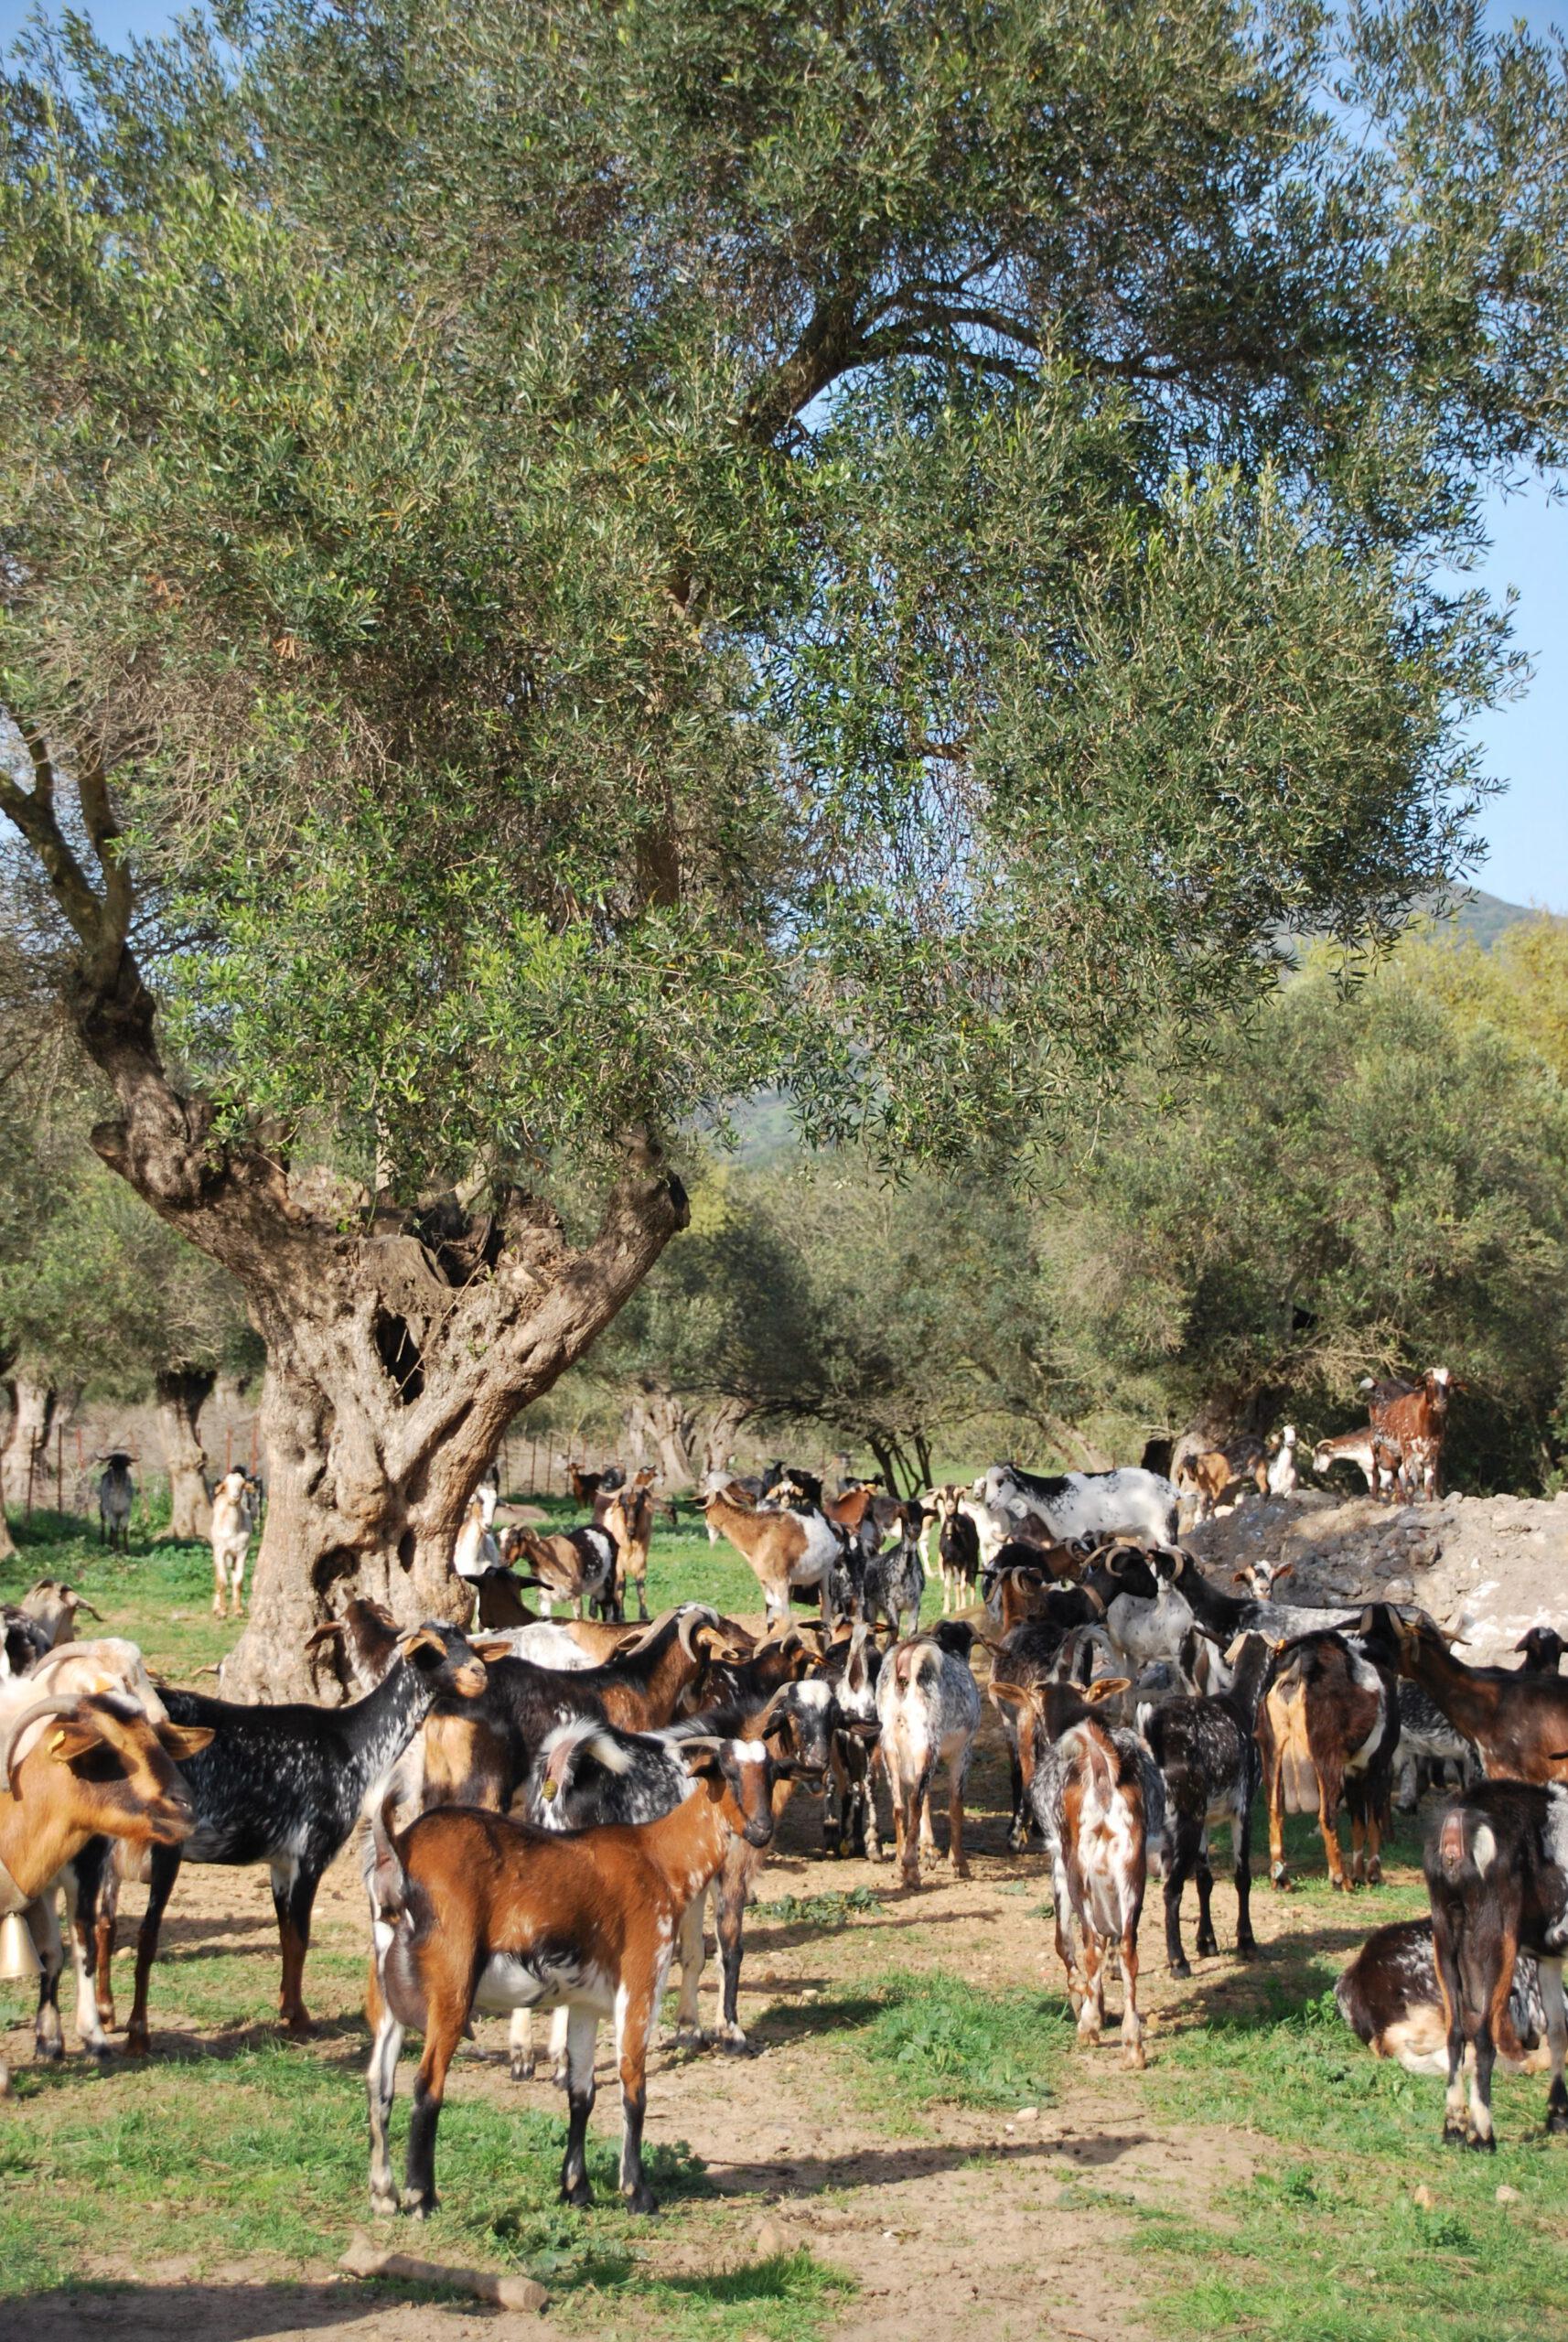 La ganadería caprina en el monte mediterráneo